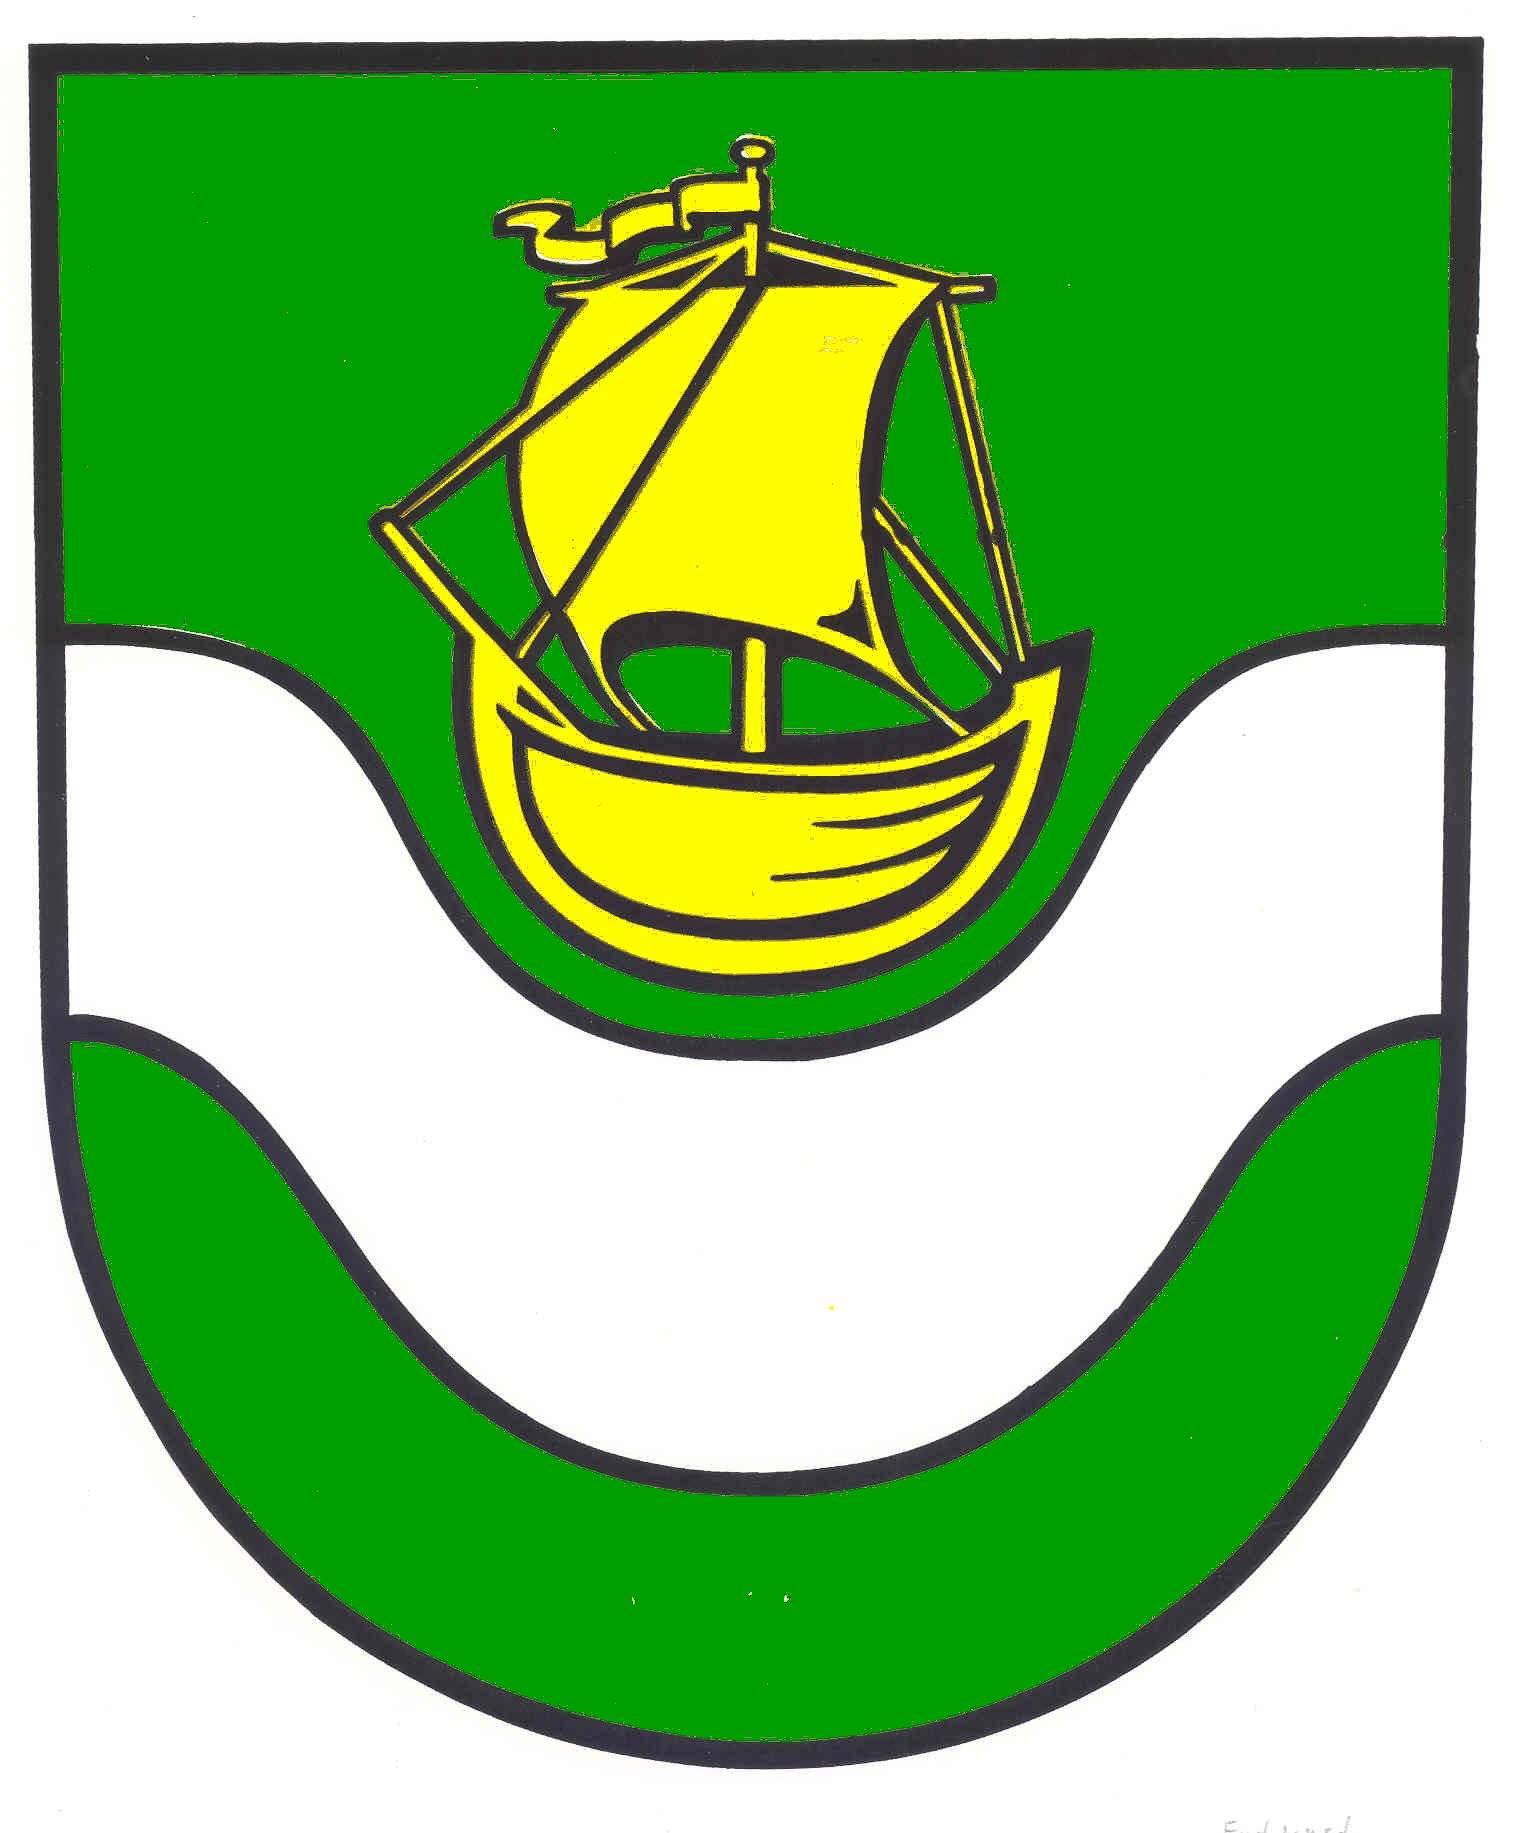 Wappen GemeindeDelve, Kreis Dithmarschen